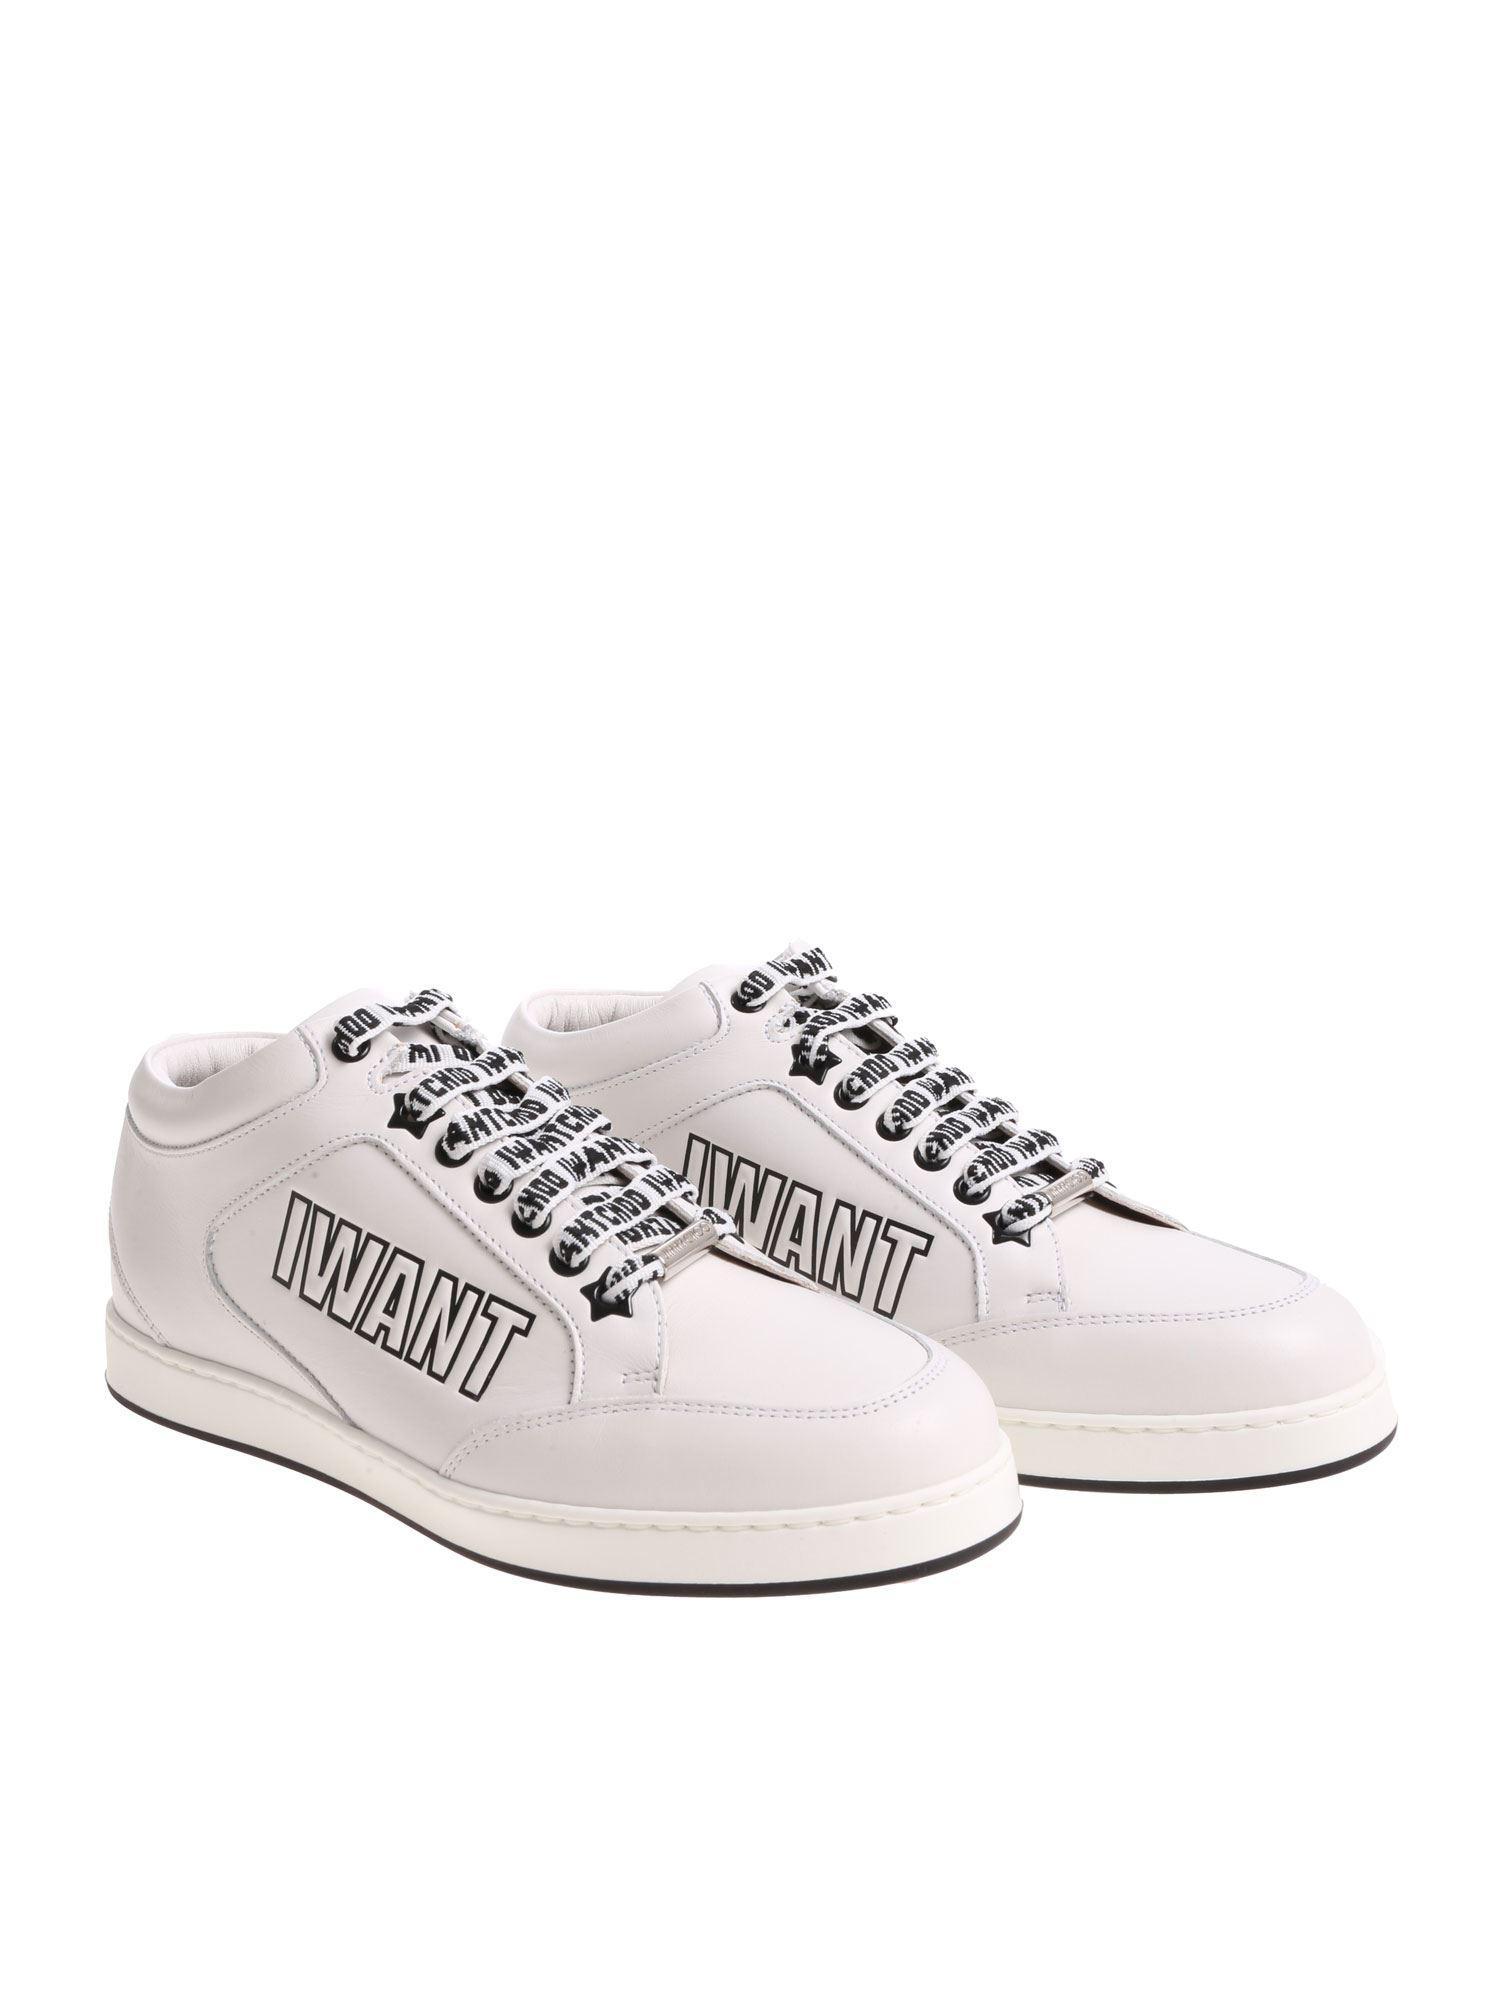 fbb1c0f1eba Lyst - Jimmy Choo Miami I Want Choo White Sneakers in White